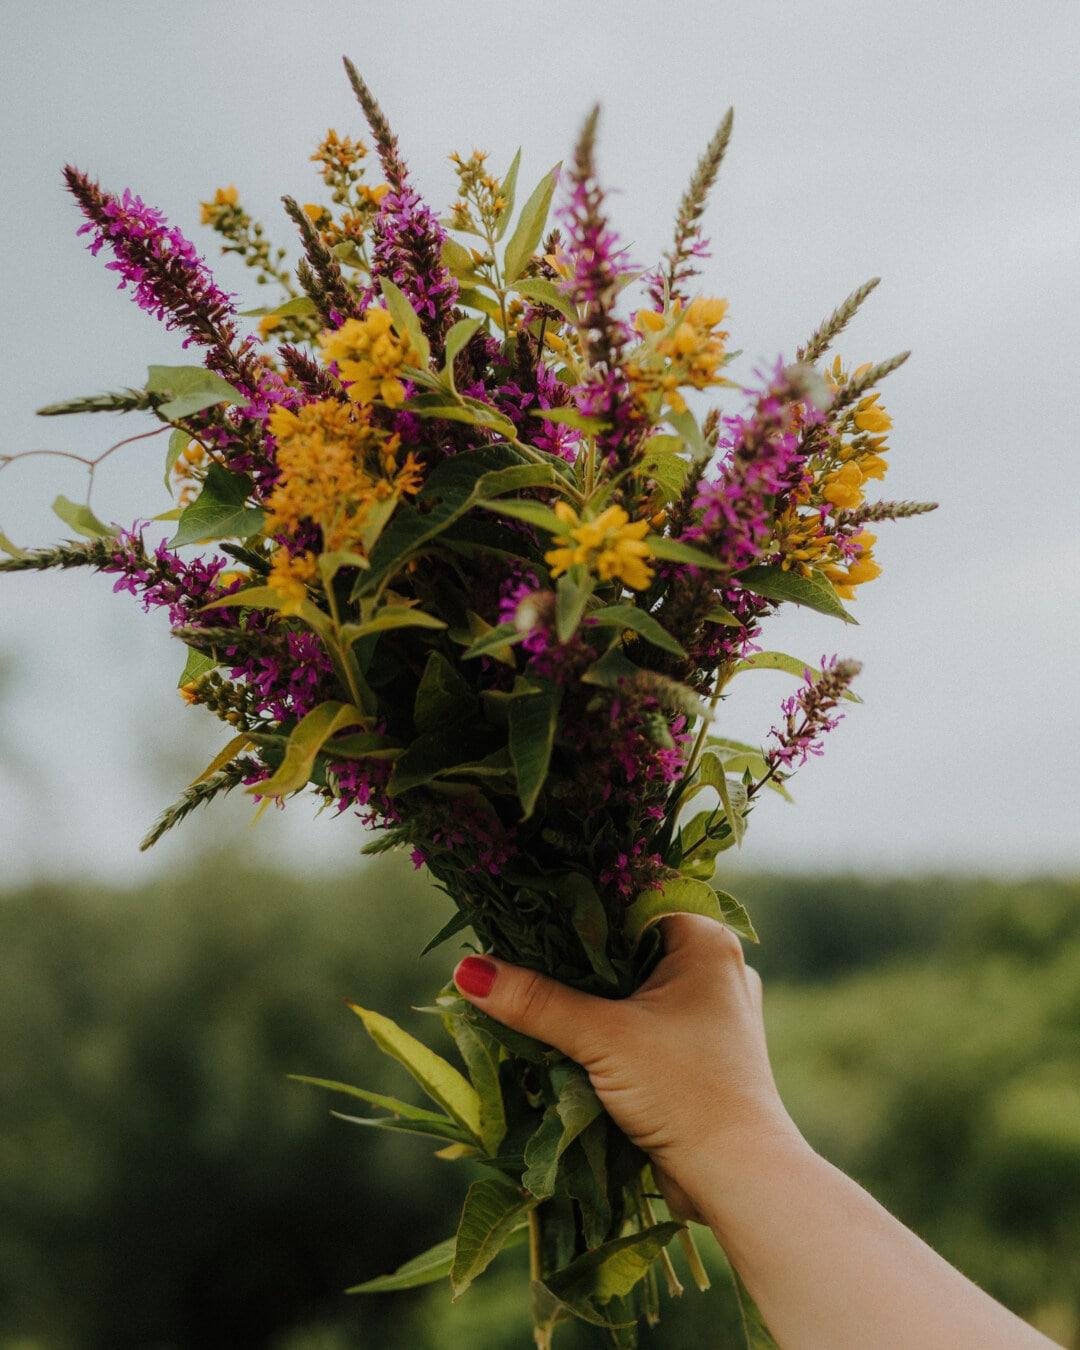 bouquet, coloré, fleurs sauvages, Holding, main, doigt, vernis à ongle, nature, fleur, épanouissement